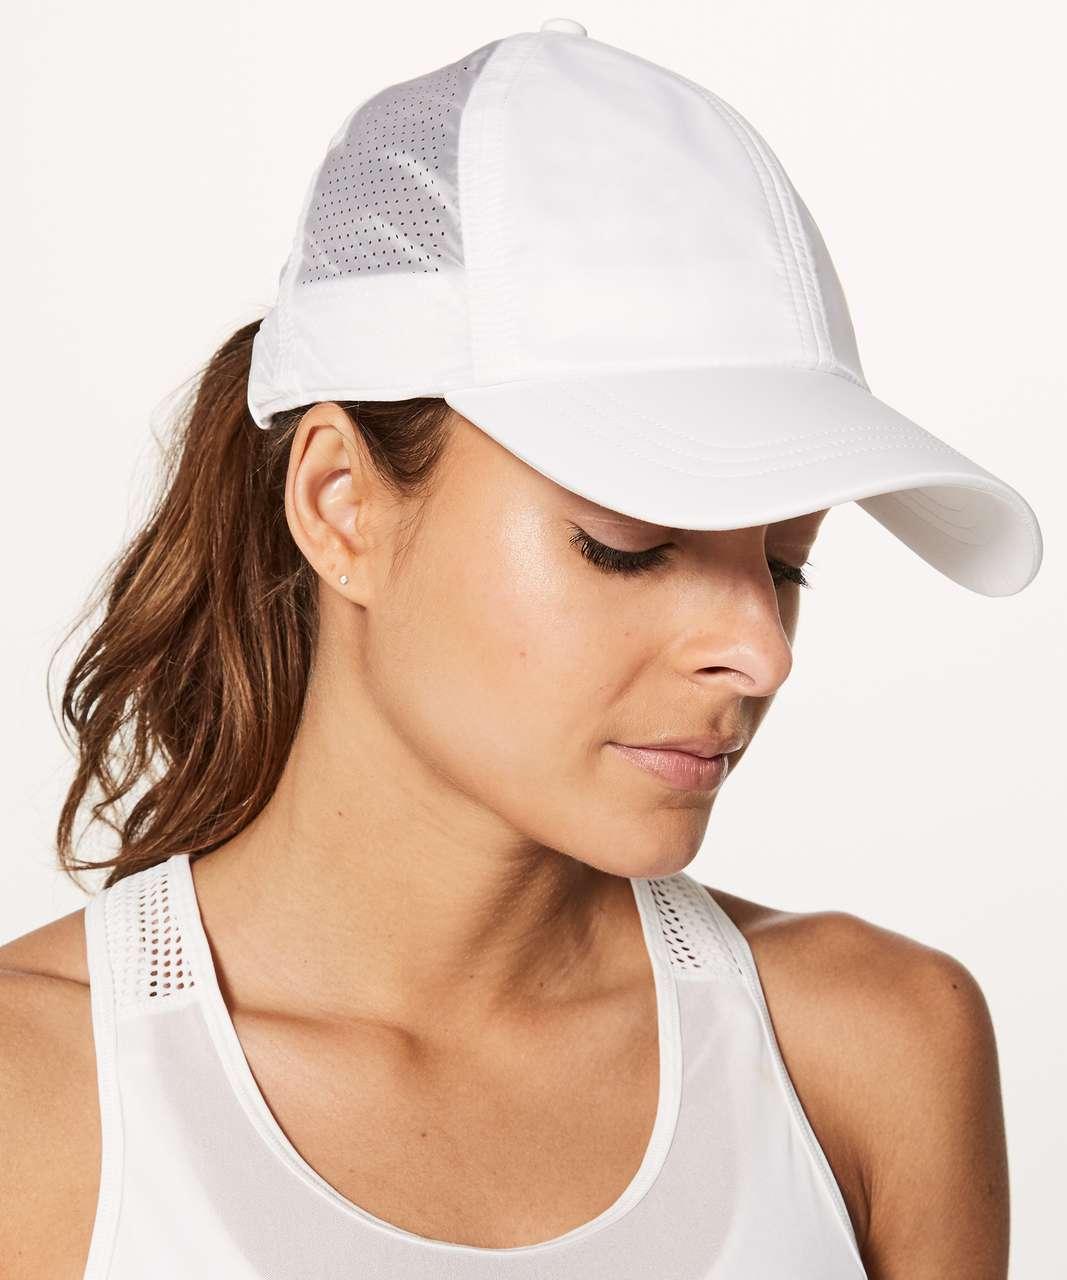 Lululemon Baller Hat (Translucent) - White